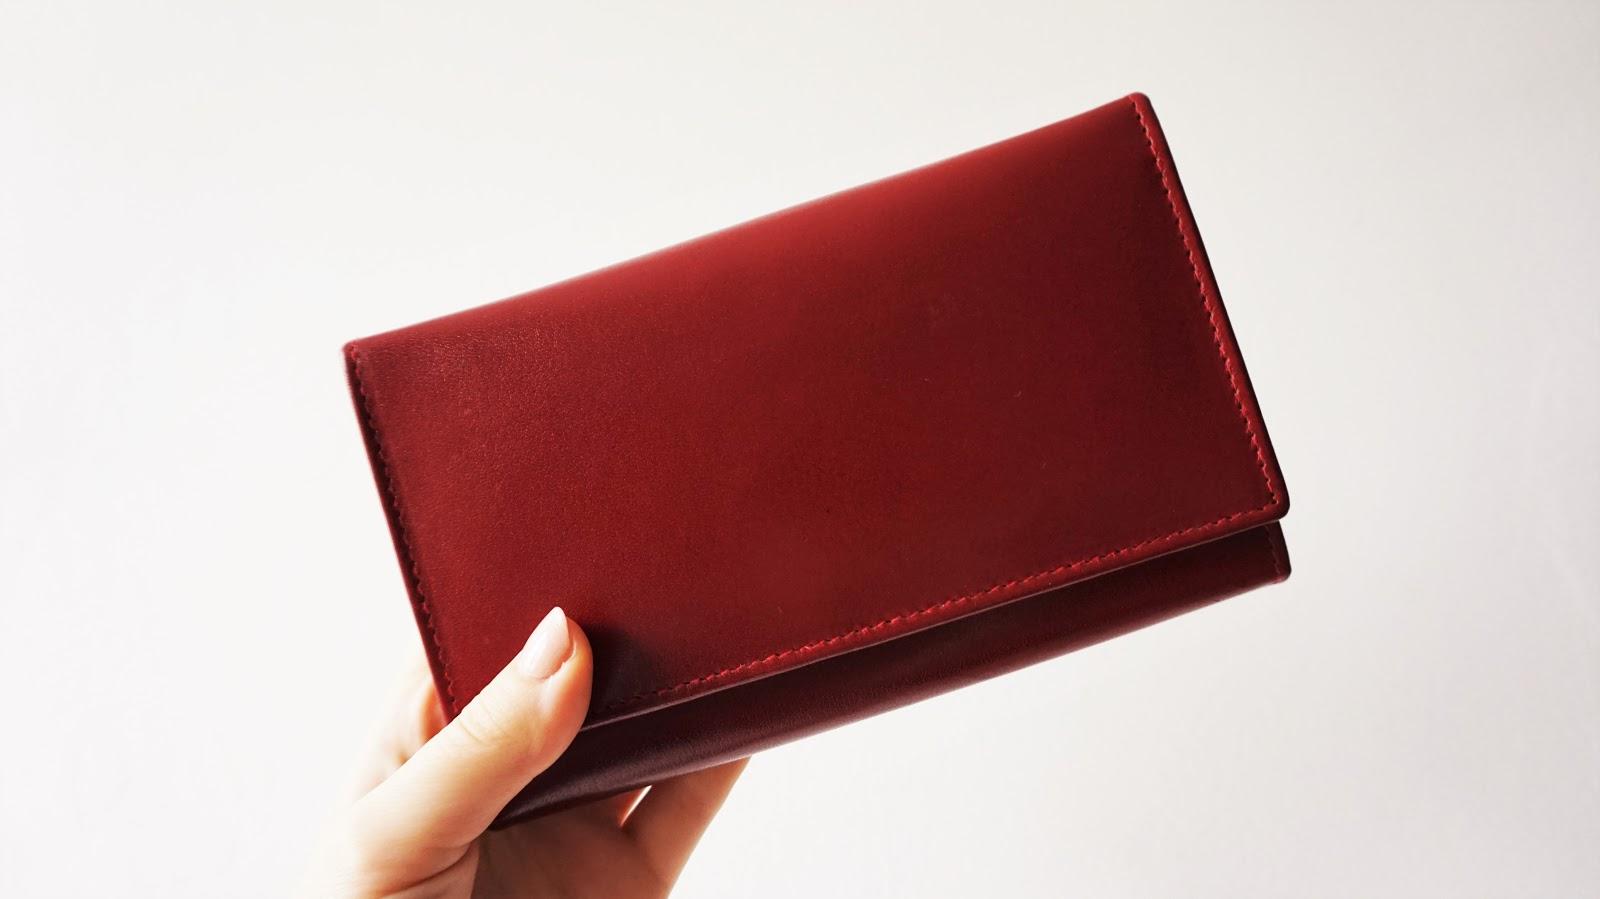 9b8e7f55a7192 Nie ukrywam, że czasami, gdy zdecyduję się na mniejszą torebkę, duży portfel  zamieniam na małą portmonetkę. Jakiś czas temu ...